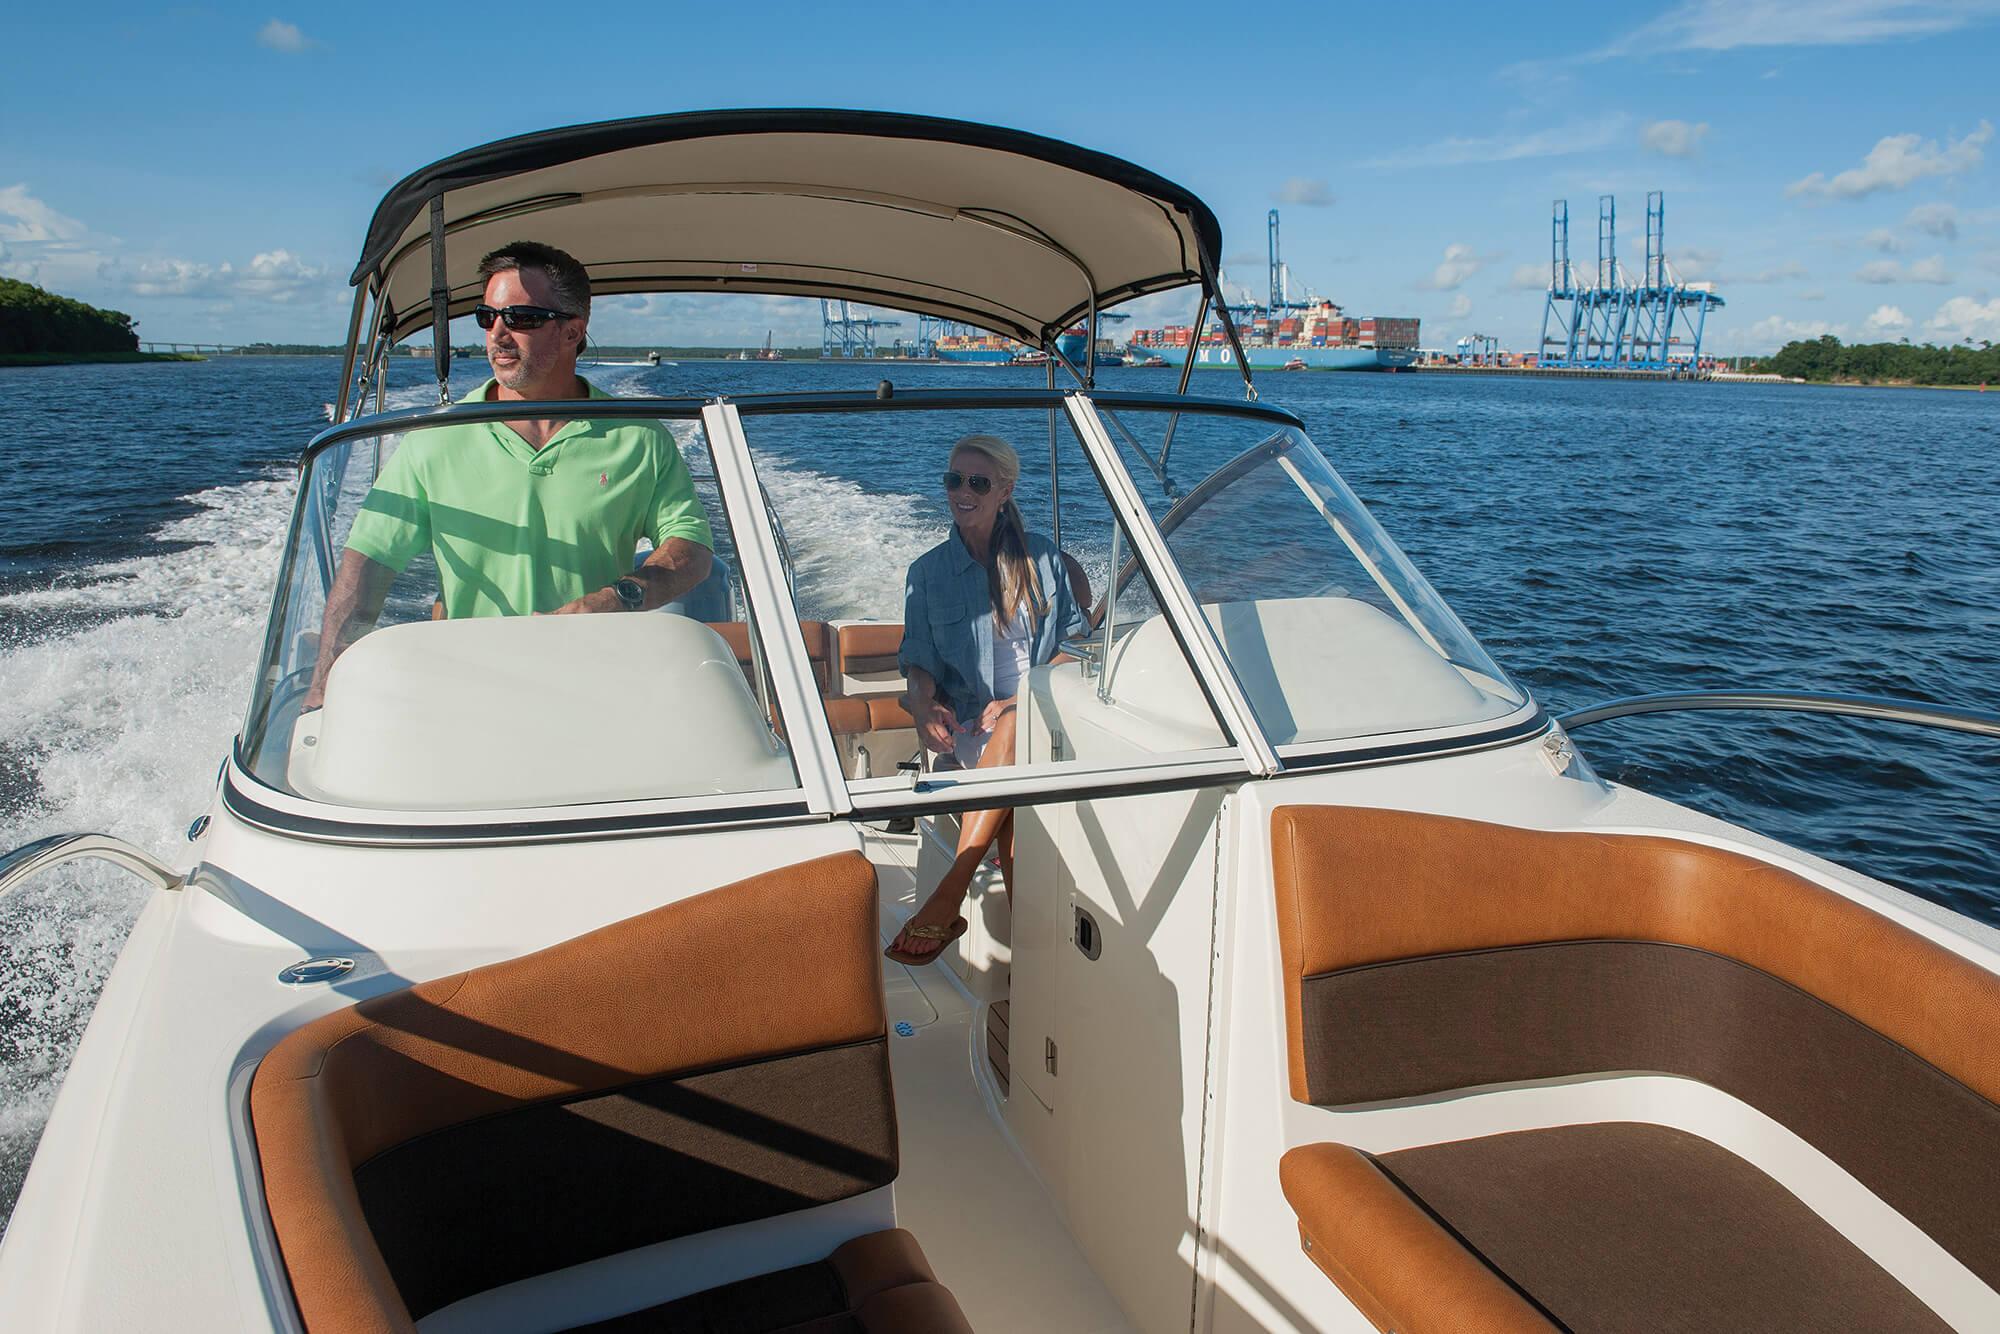 汽船上,一对夫妇在 Sunbrella Supreme 遮阳篷下休闲放松,船首还有棕色靠垫